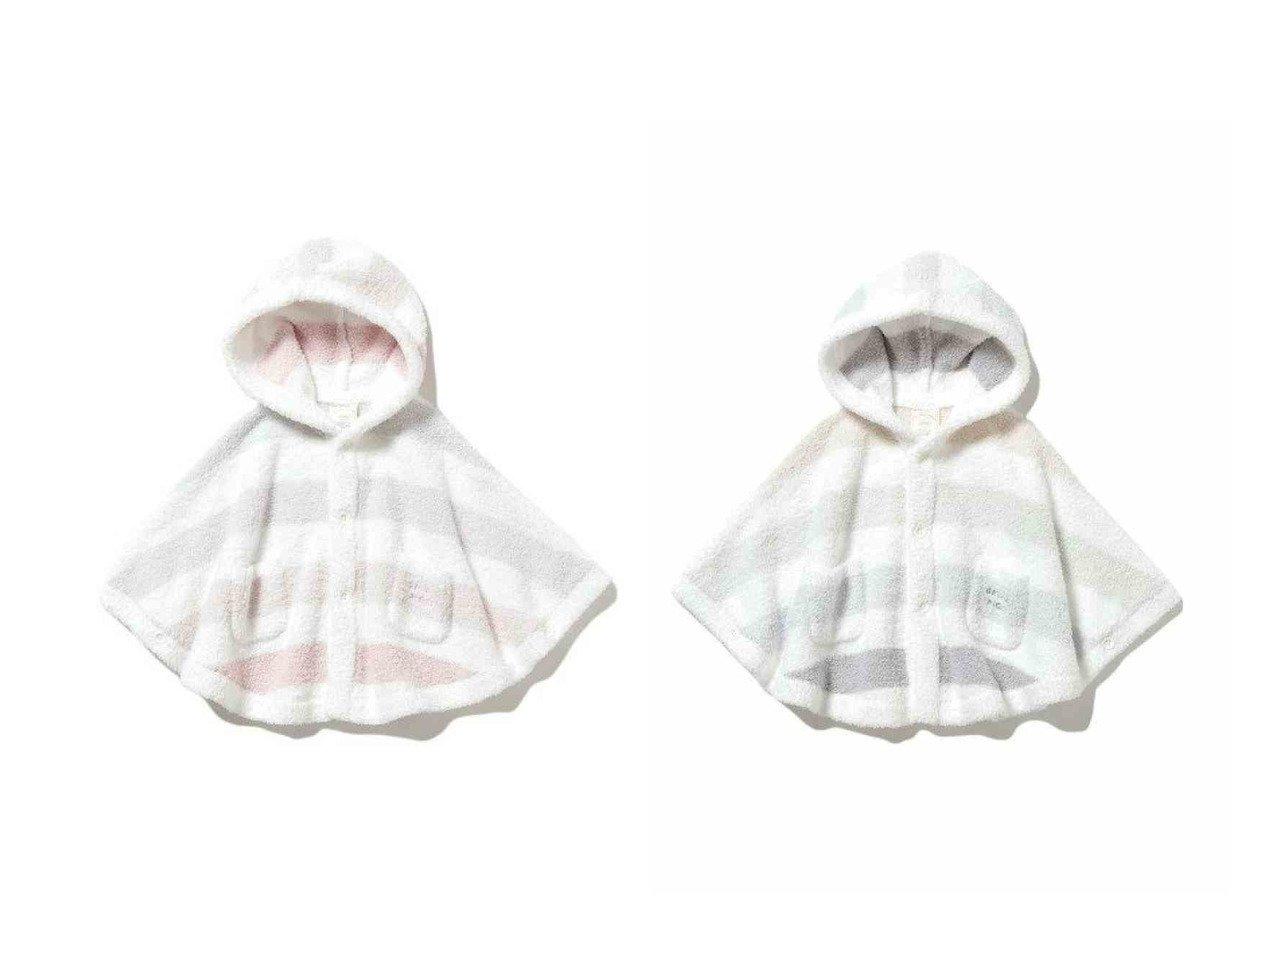 【gelato pique / KIDS/ジェラート ピケ】の【BABY】 ベビモコ 5ボーダー baby ポンチョ 【BABY】ベビー服のおすすめ!人気、キッズファッションの通販 おすすめで人気の流行・トレンド、ファッションの通販商品 メンズファッション・キッズファッション・インテリア・家具・レディースファッション・服の通販 founy(ファニー) https://founy.com/ ファッション Fashion キッズファッション KIDS トップス Tops Tees Kids 春 Spring カットソー ボーダー ポンチョ ロング ロンパース |ID:crp329100000018408